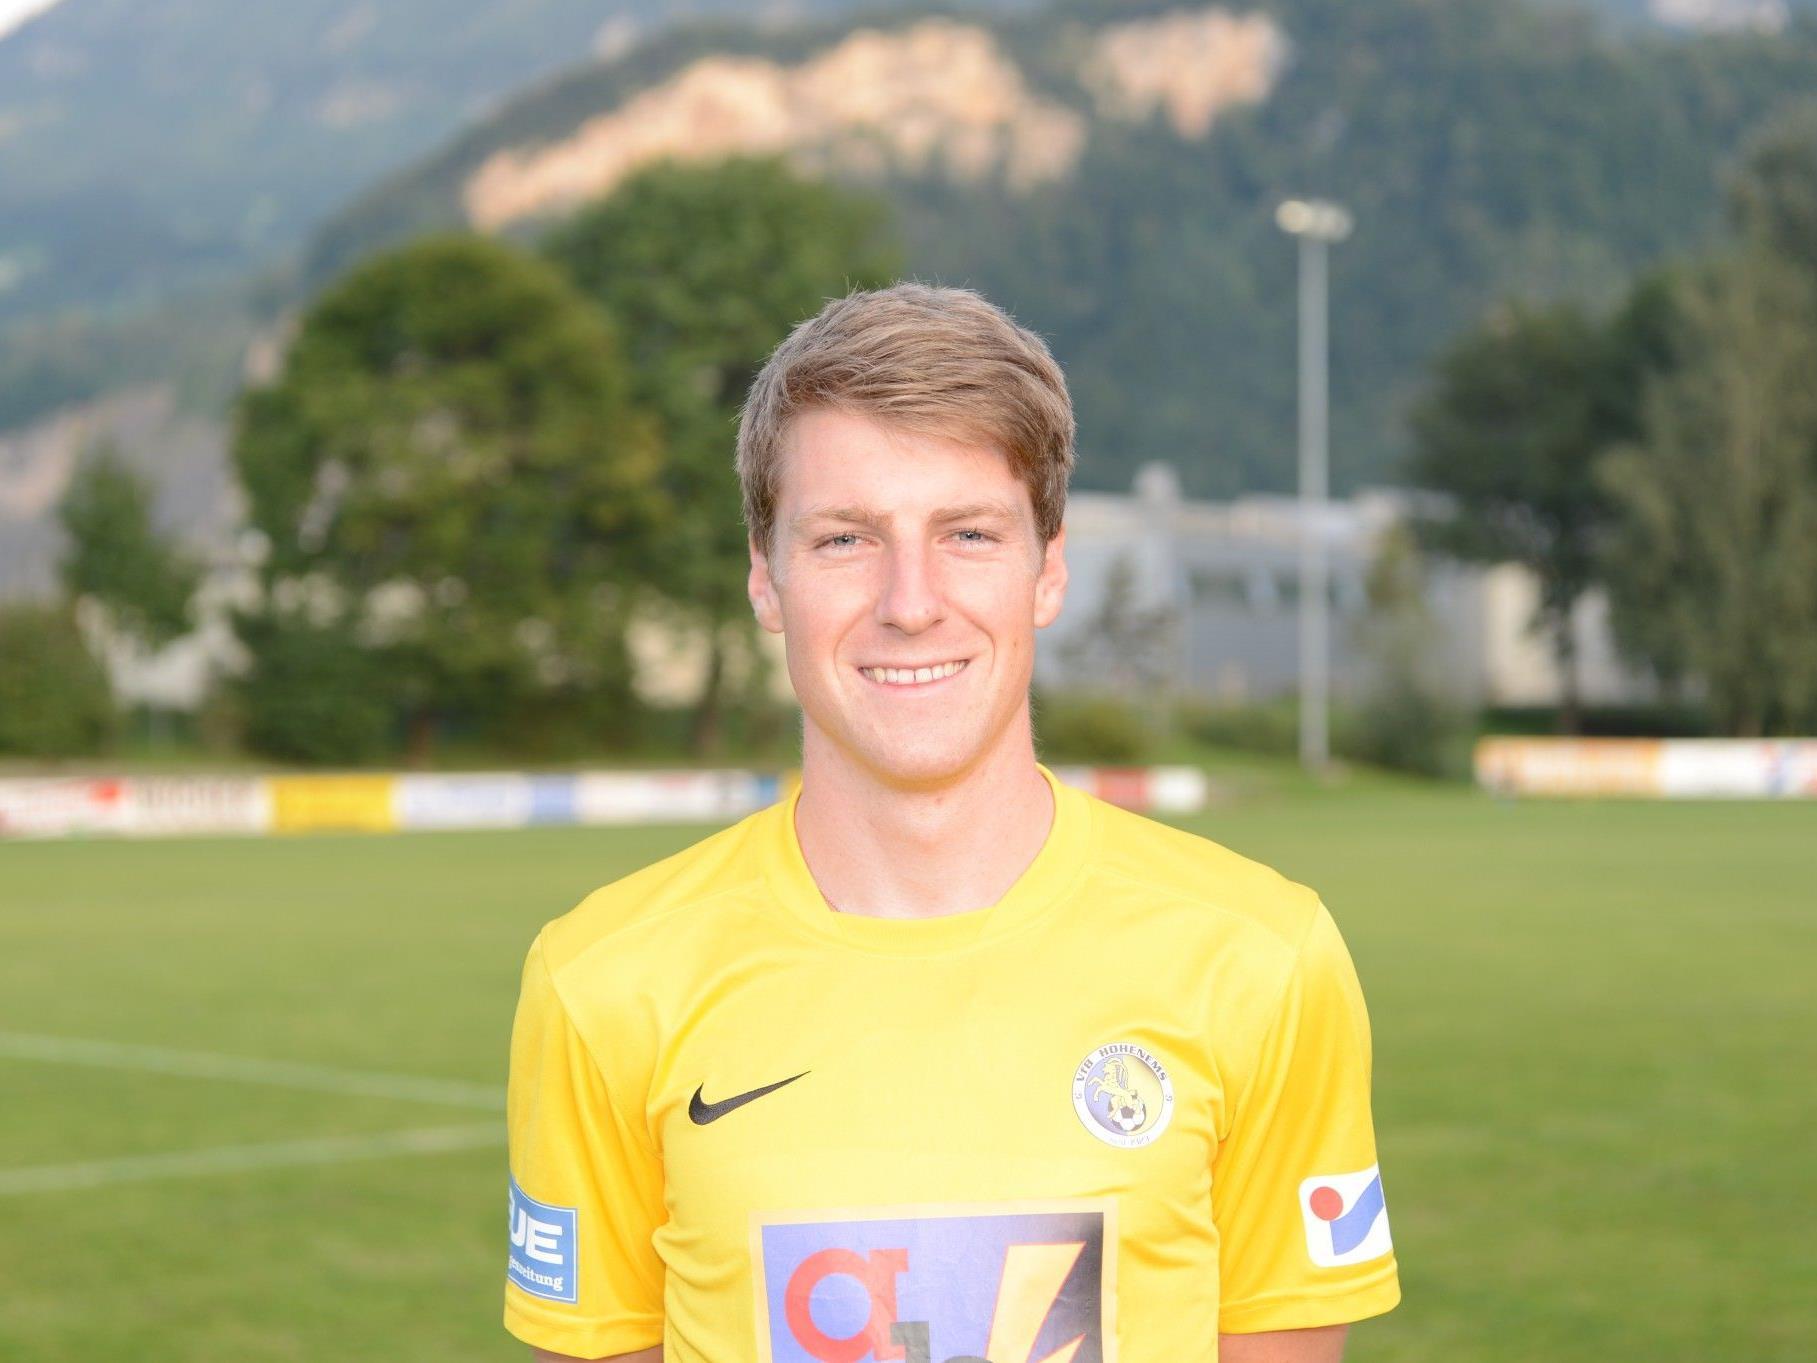 VfB-Kapitän Adrian Klammer erzielt drei Tore